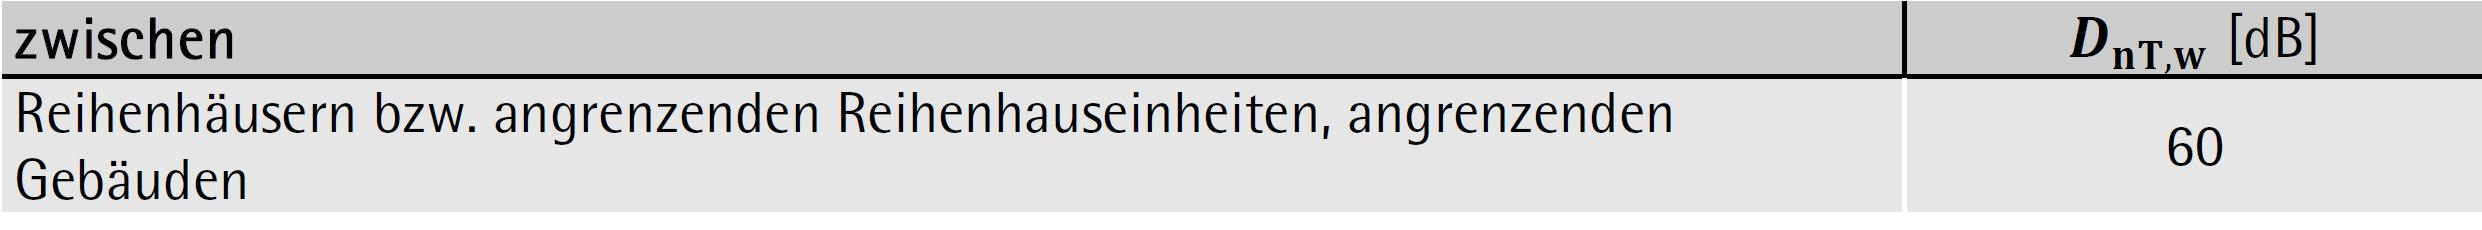 Mindesterforderliche bewertete Standard-Schallpegeldifferenz DnT,w zwischen Reihenhäusern und angrenzenden Gebäuden